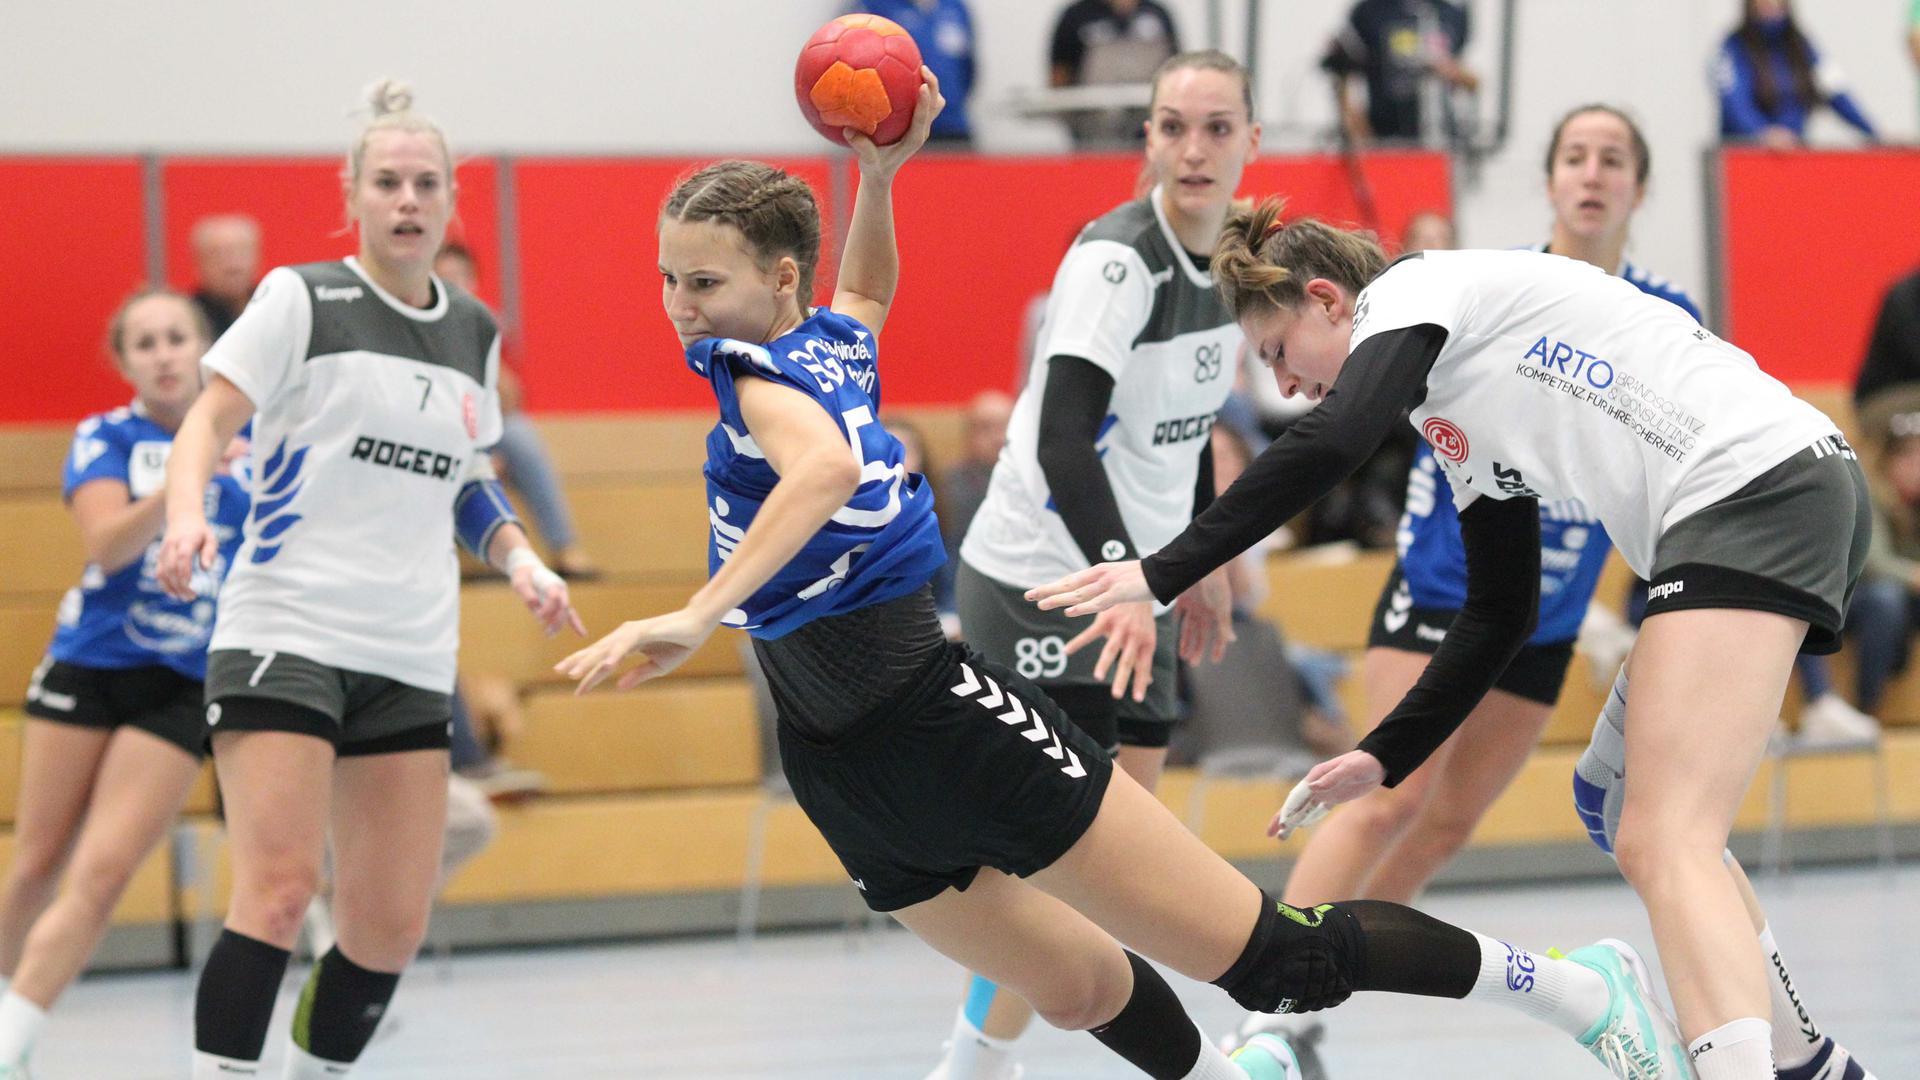 Junge Garde: Lisa Schipper gehört bei der SG Steinbach/Kappelwindeck zum Kreis der Spielerinnen, die als A-Jugendliche auch schon Drittliga-Luft schnupperten.